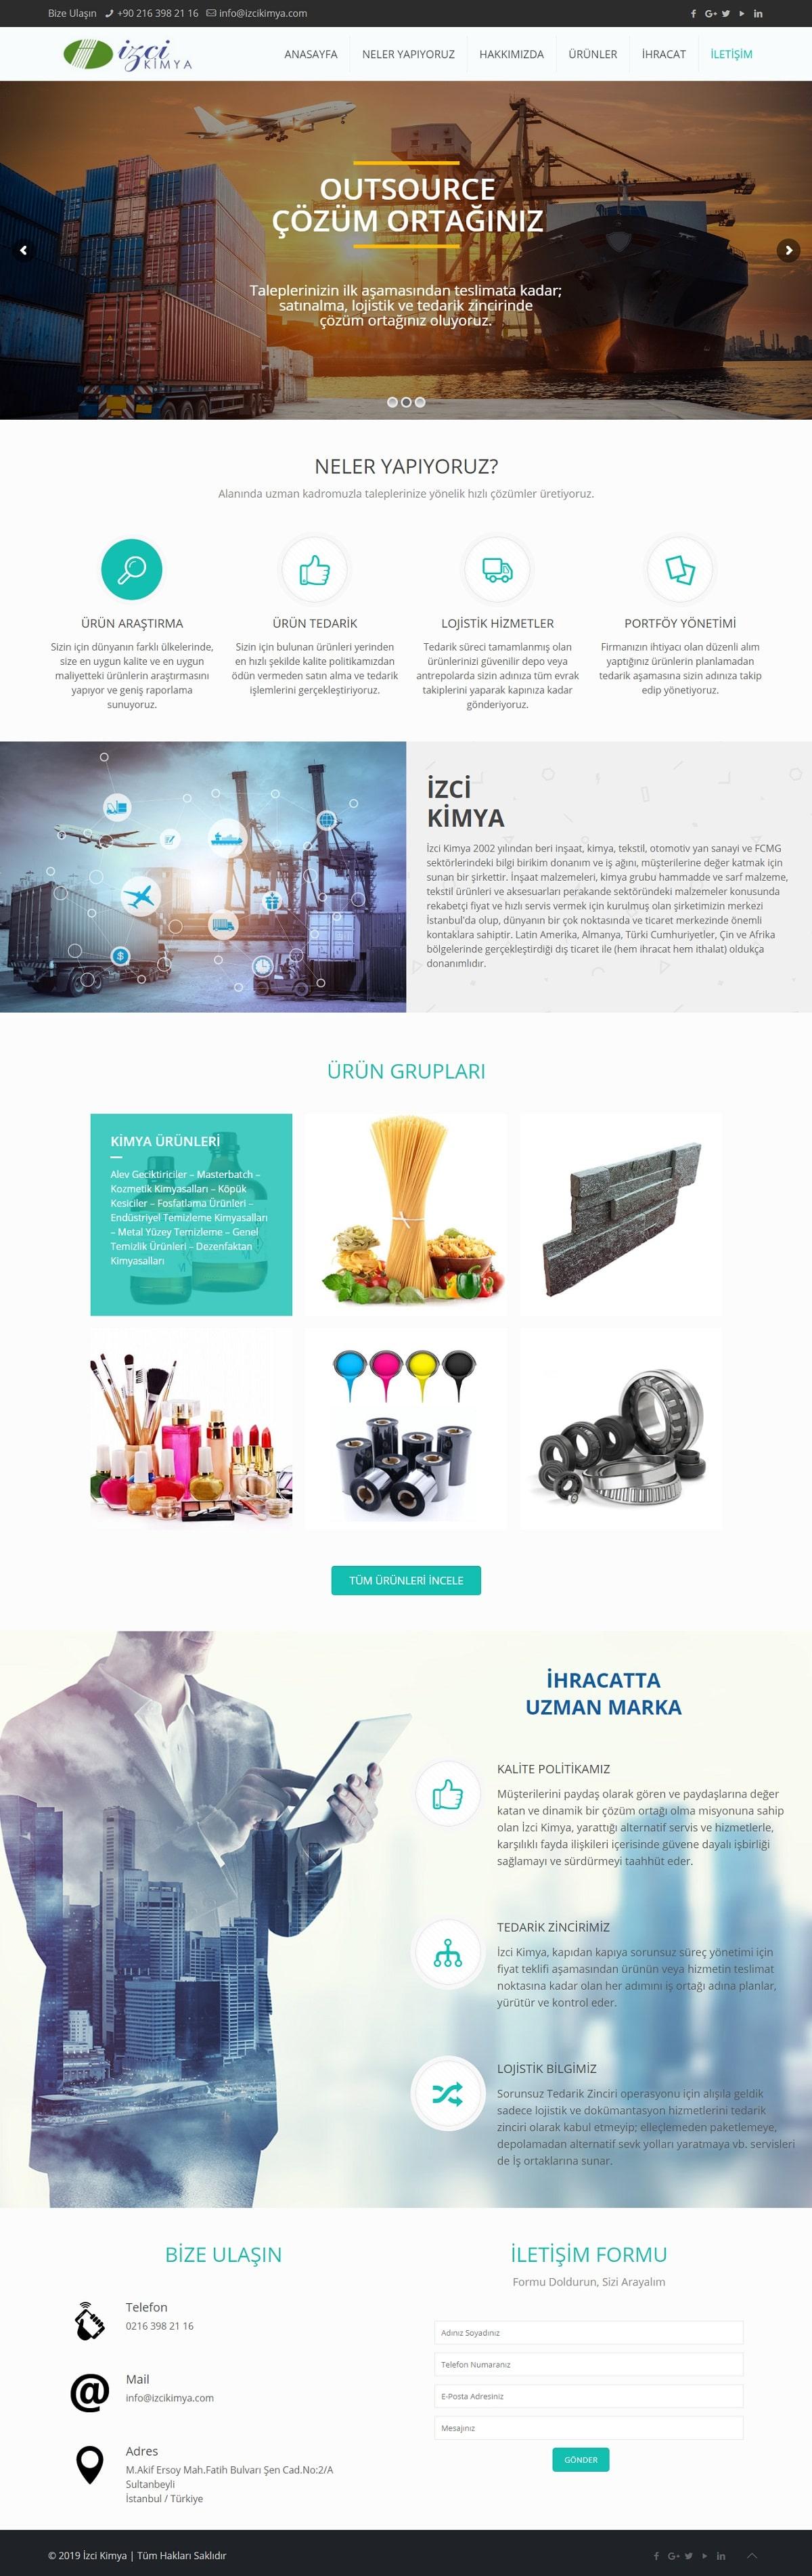 İzci Kimya Web Sitesi | Kimya Firması Web Sitesi